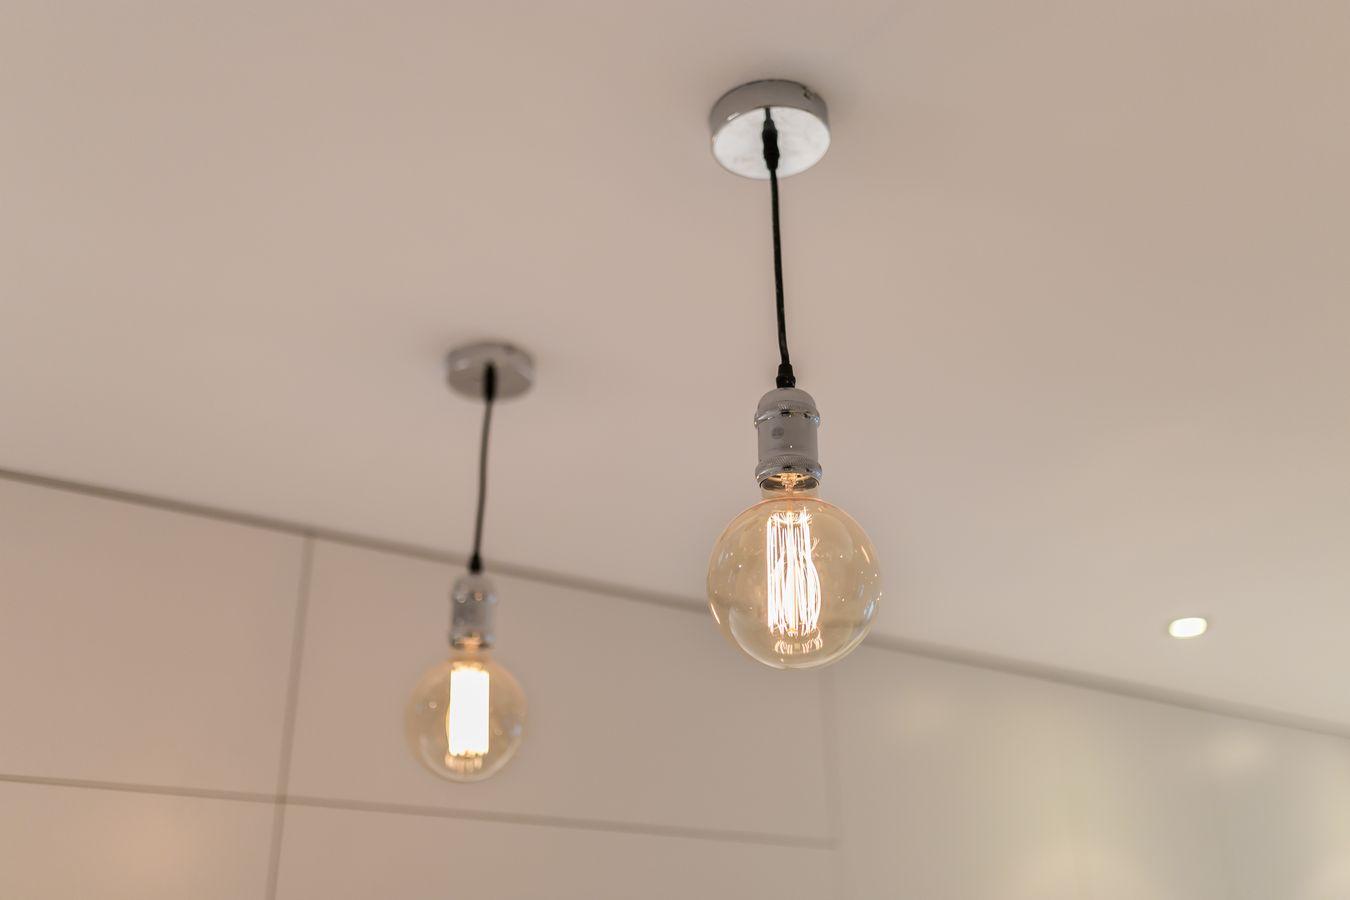 Reforma Integral Casa Soto de la Moraleja - Detalle iluminación